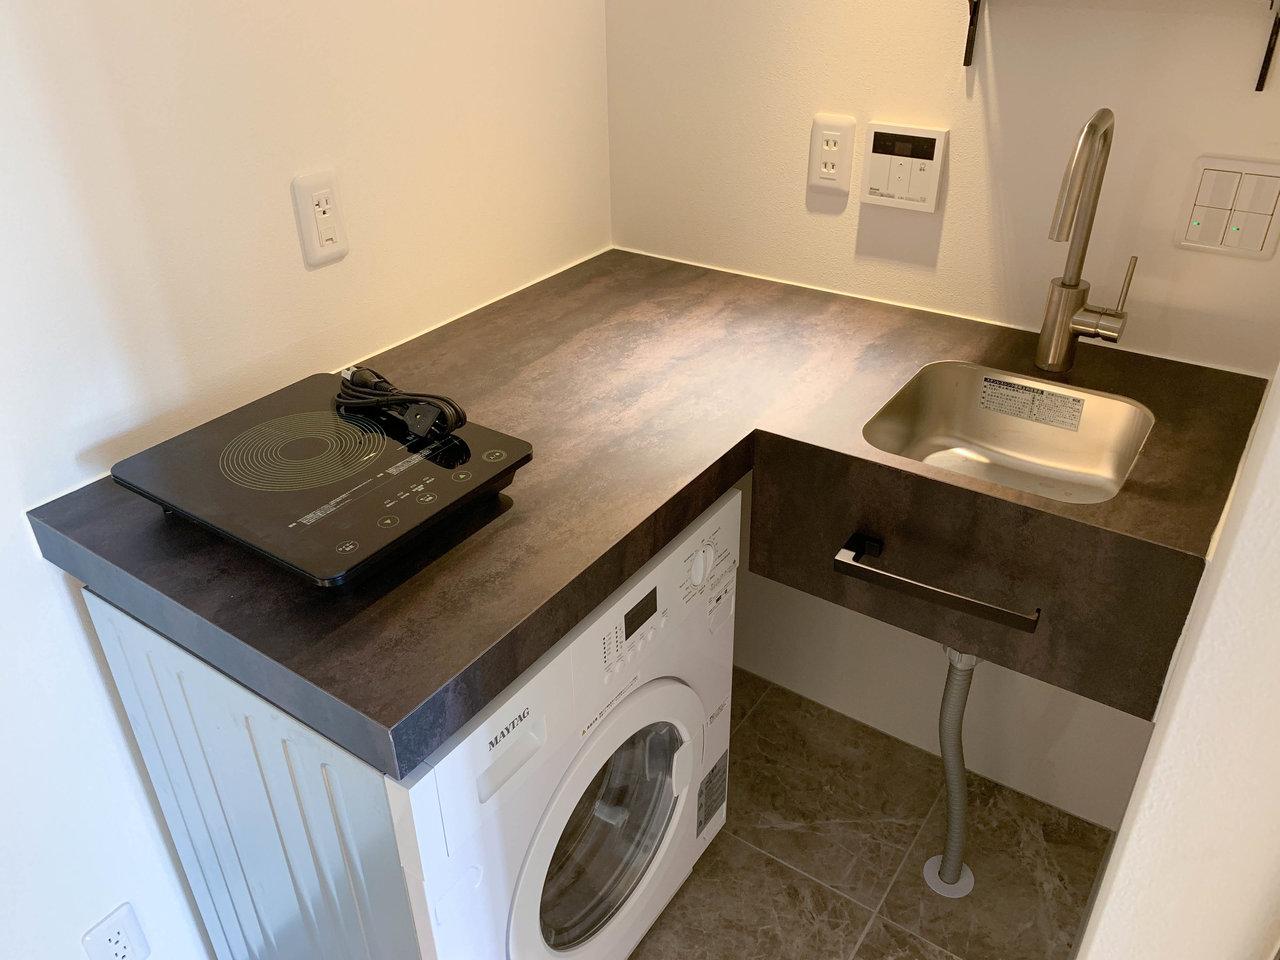 キッチンもしっかりついています。ドラム式の洗濯機もついているので、洗濯機を持ち込む必要もありません。